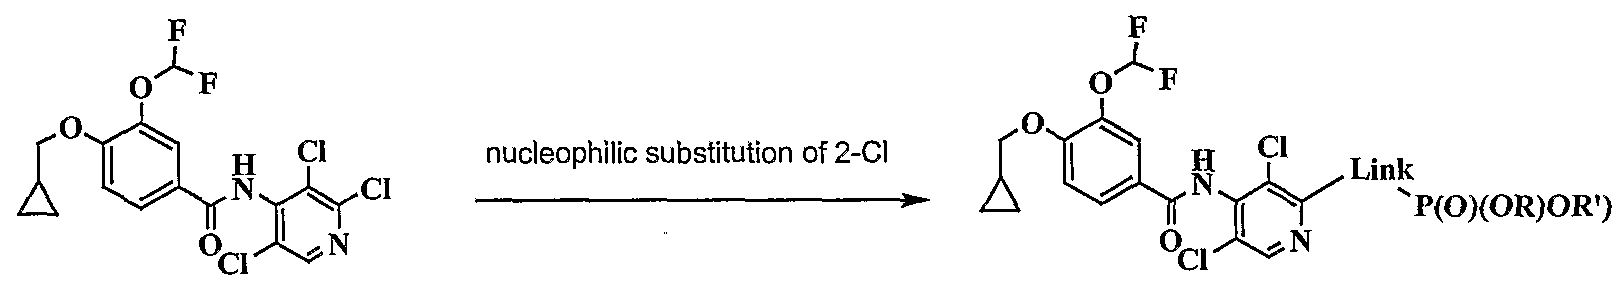 Figure imgf000334_0001